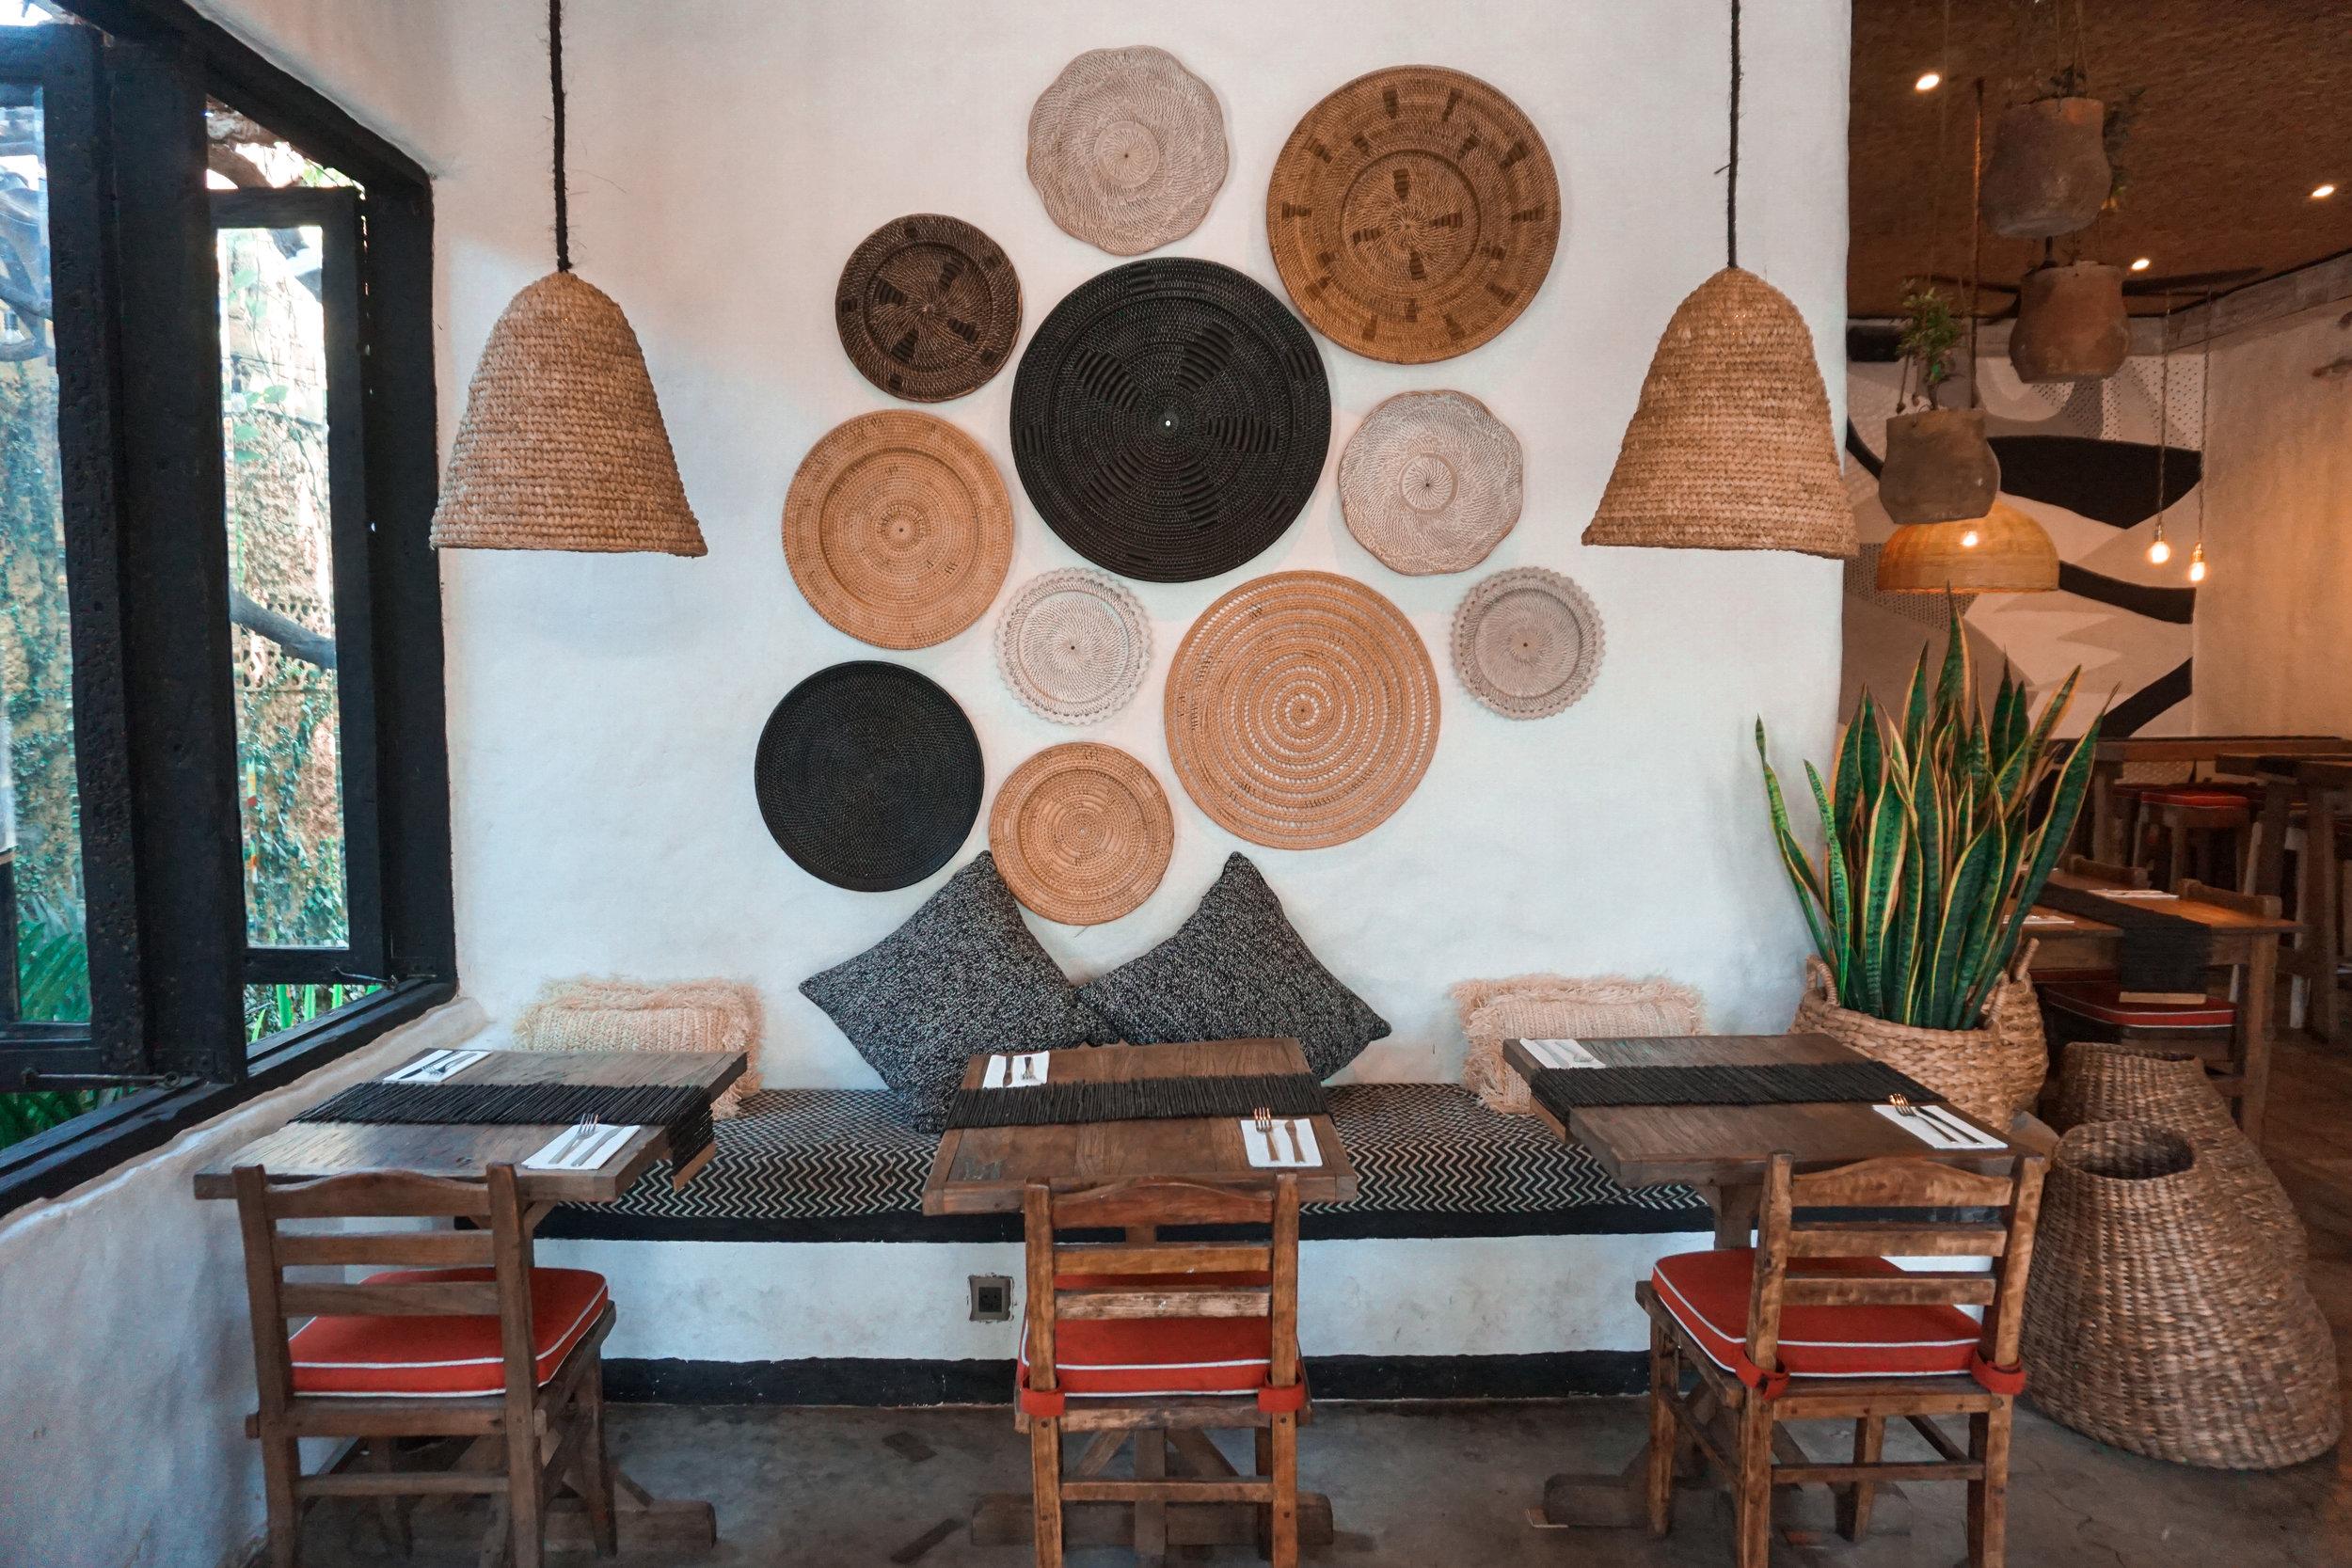 Bali - Ubud Folk Cafe